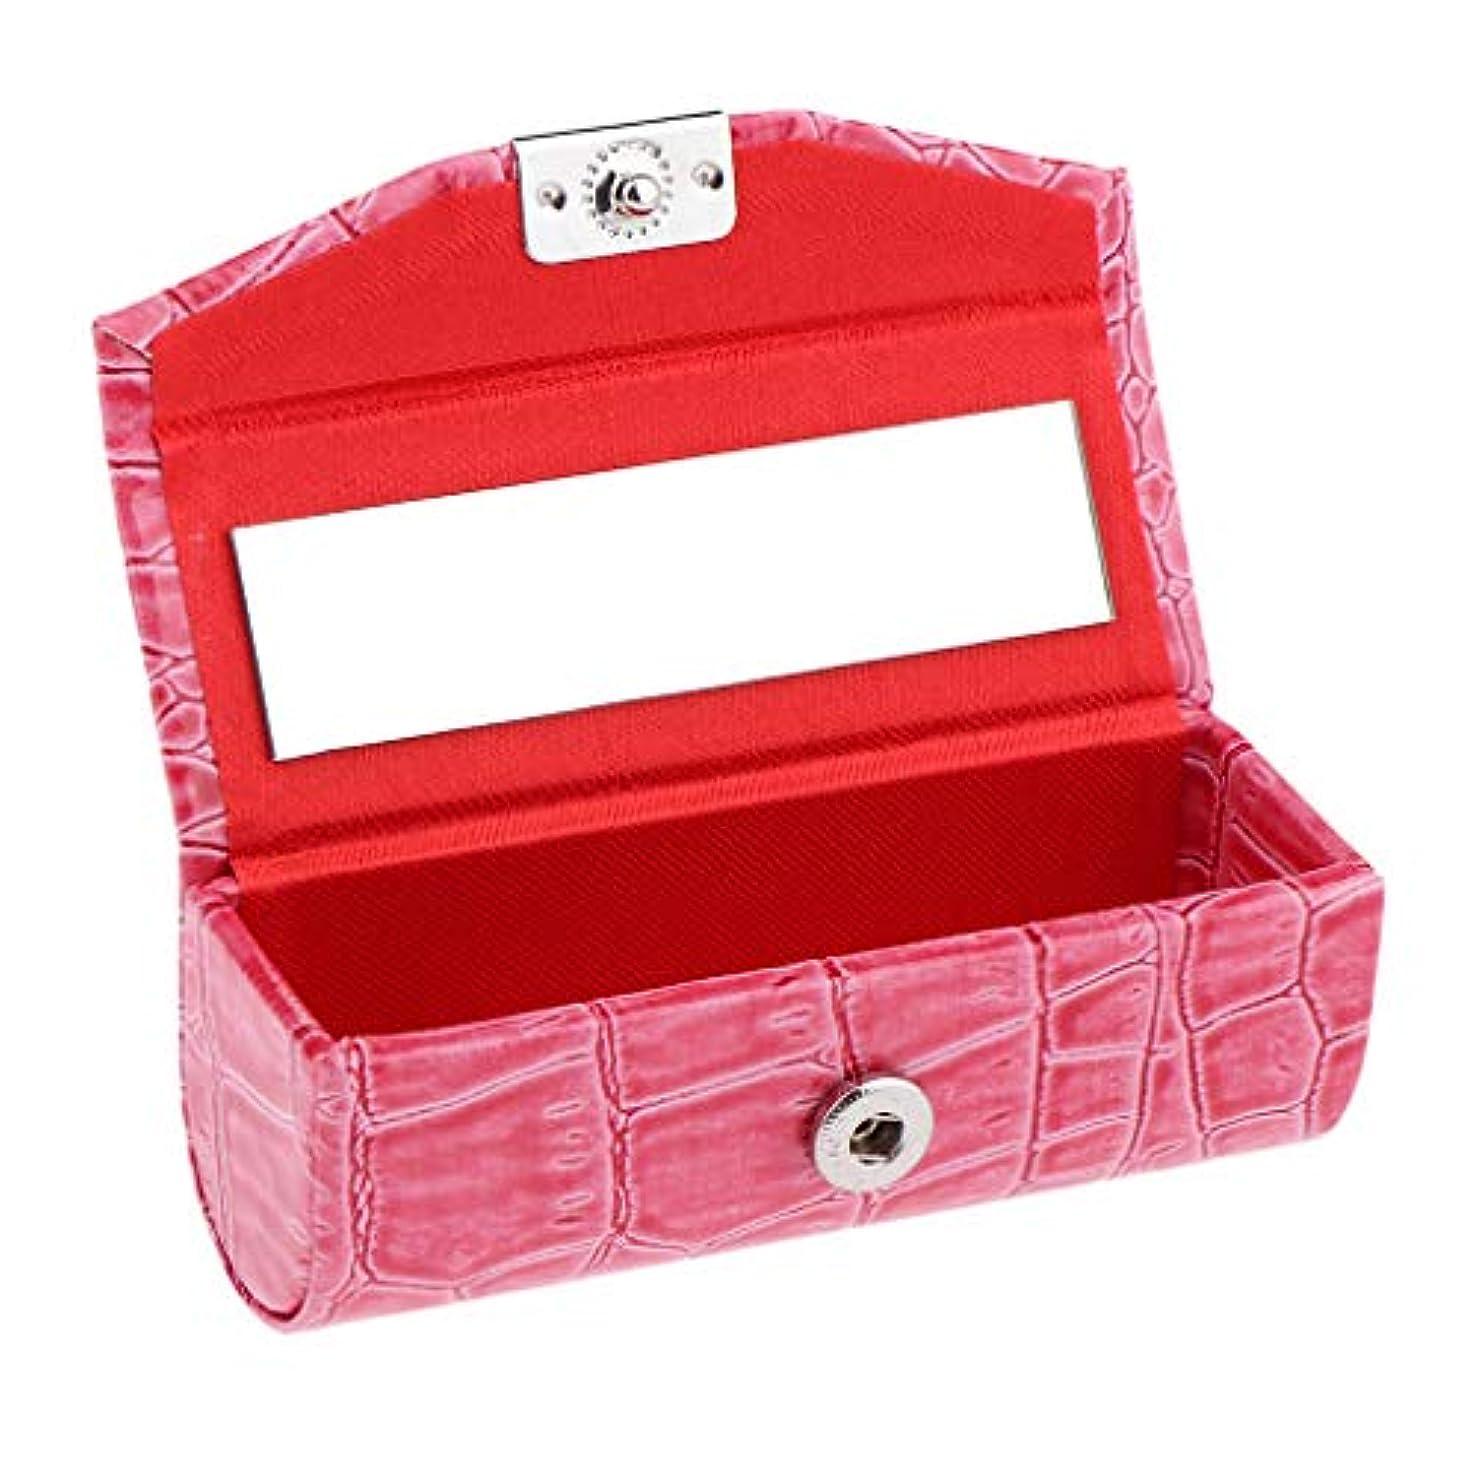 少ないコンプライアンス感謝IPOTCH レザー リップスティックケース 口紅ホルダー ミラー 収納ボックス 多色選べ - ローズレッド